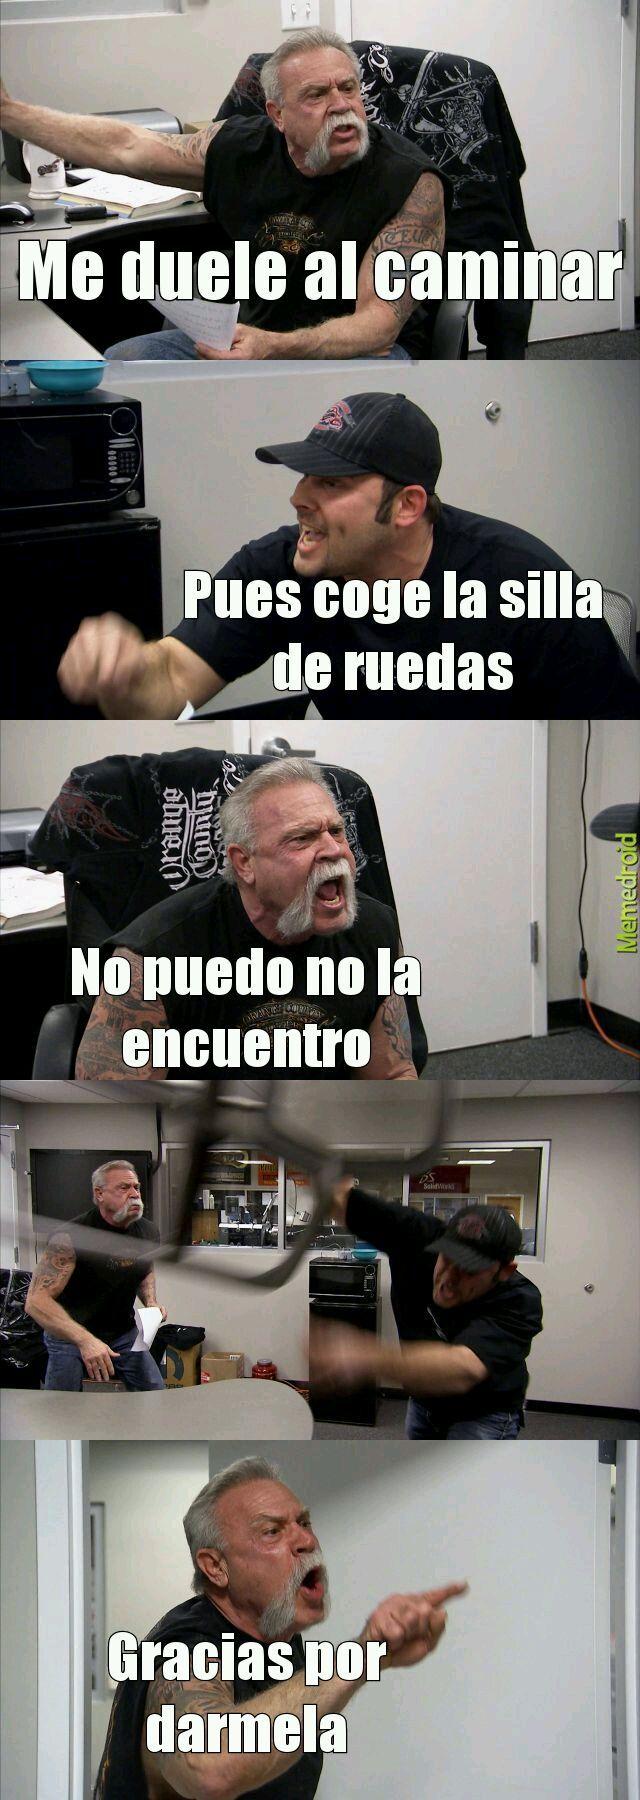 Paraliticis - meme